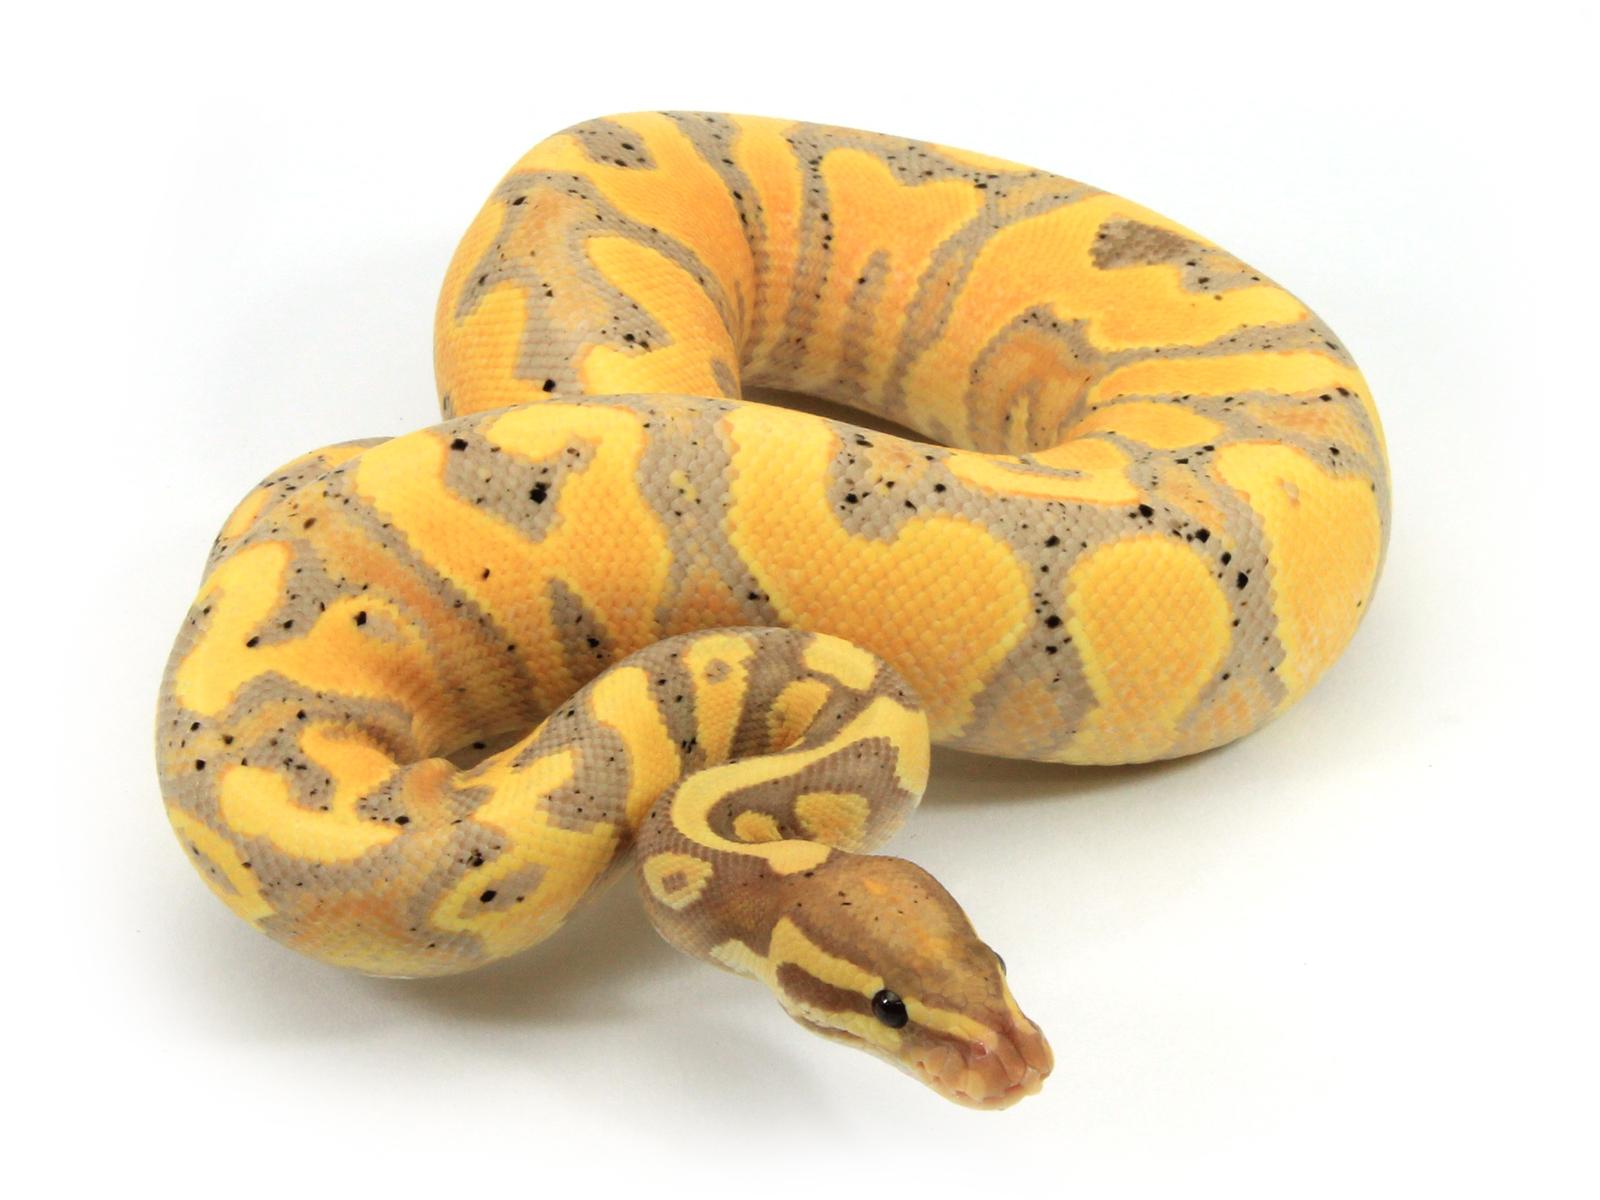 banana-yb